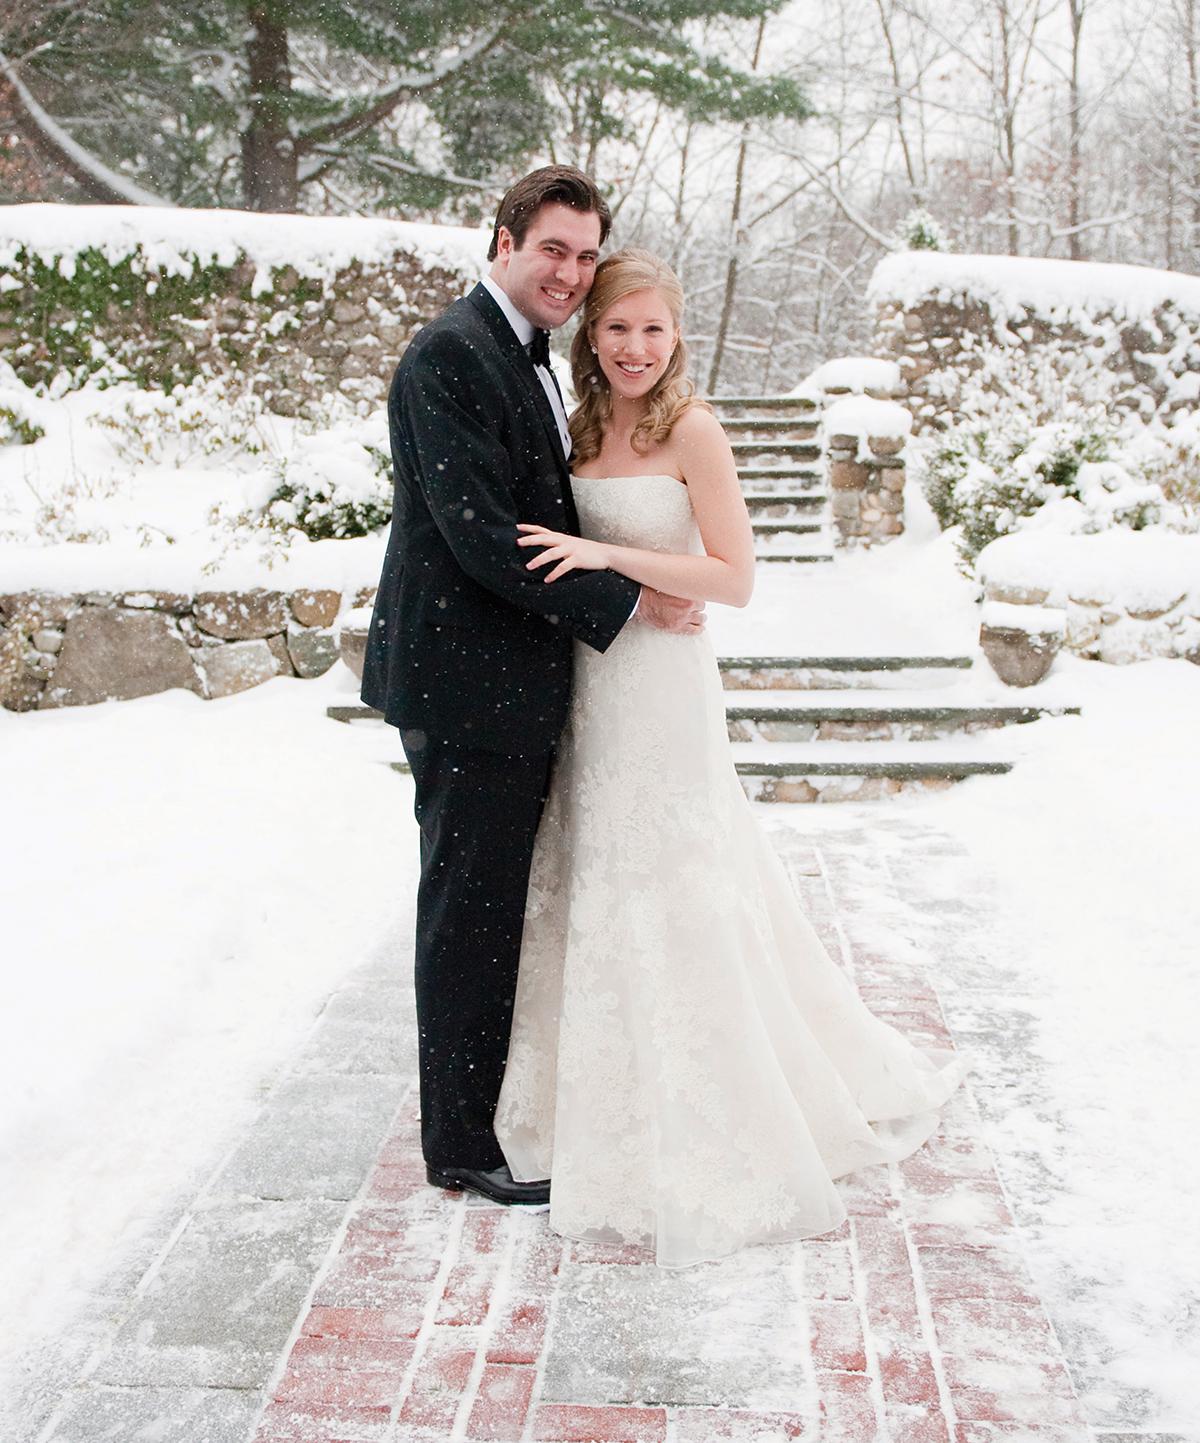 Real New England Weddings: Lauren Deysher & Paul Gojkovich